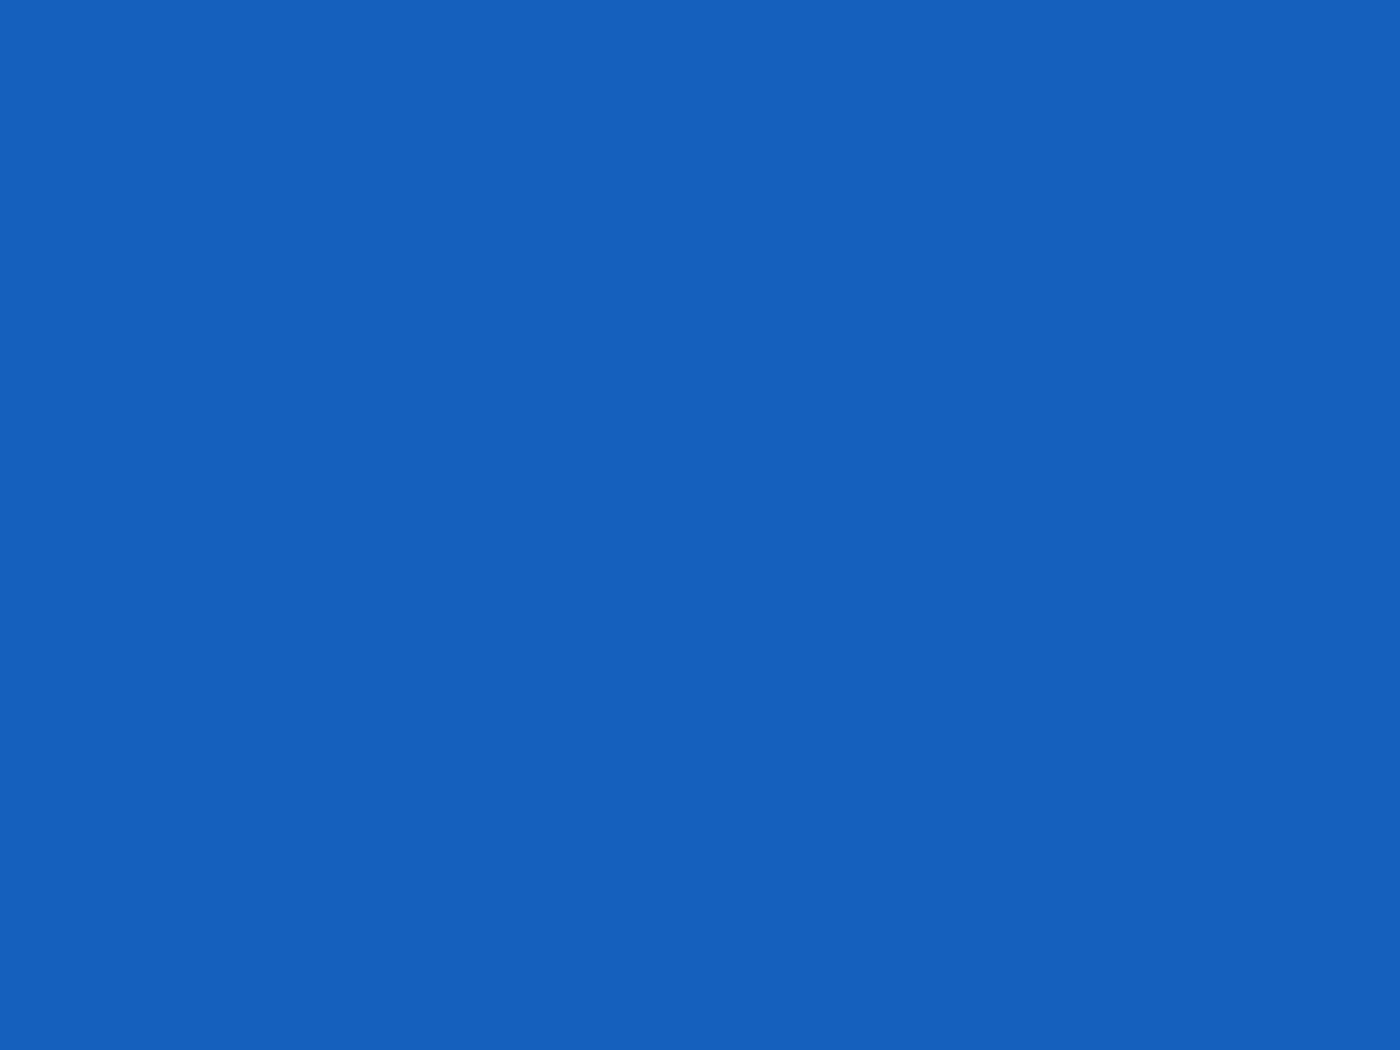 1400x1050 Denim Solid Color Background